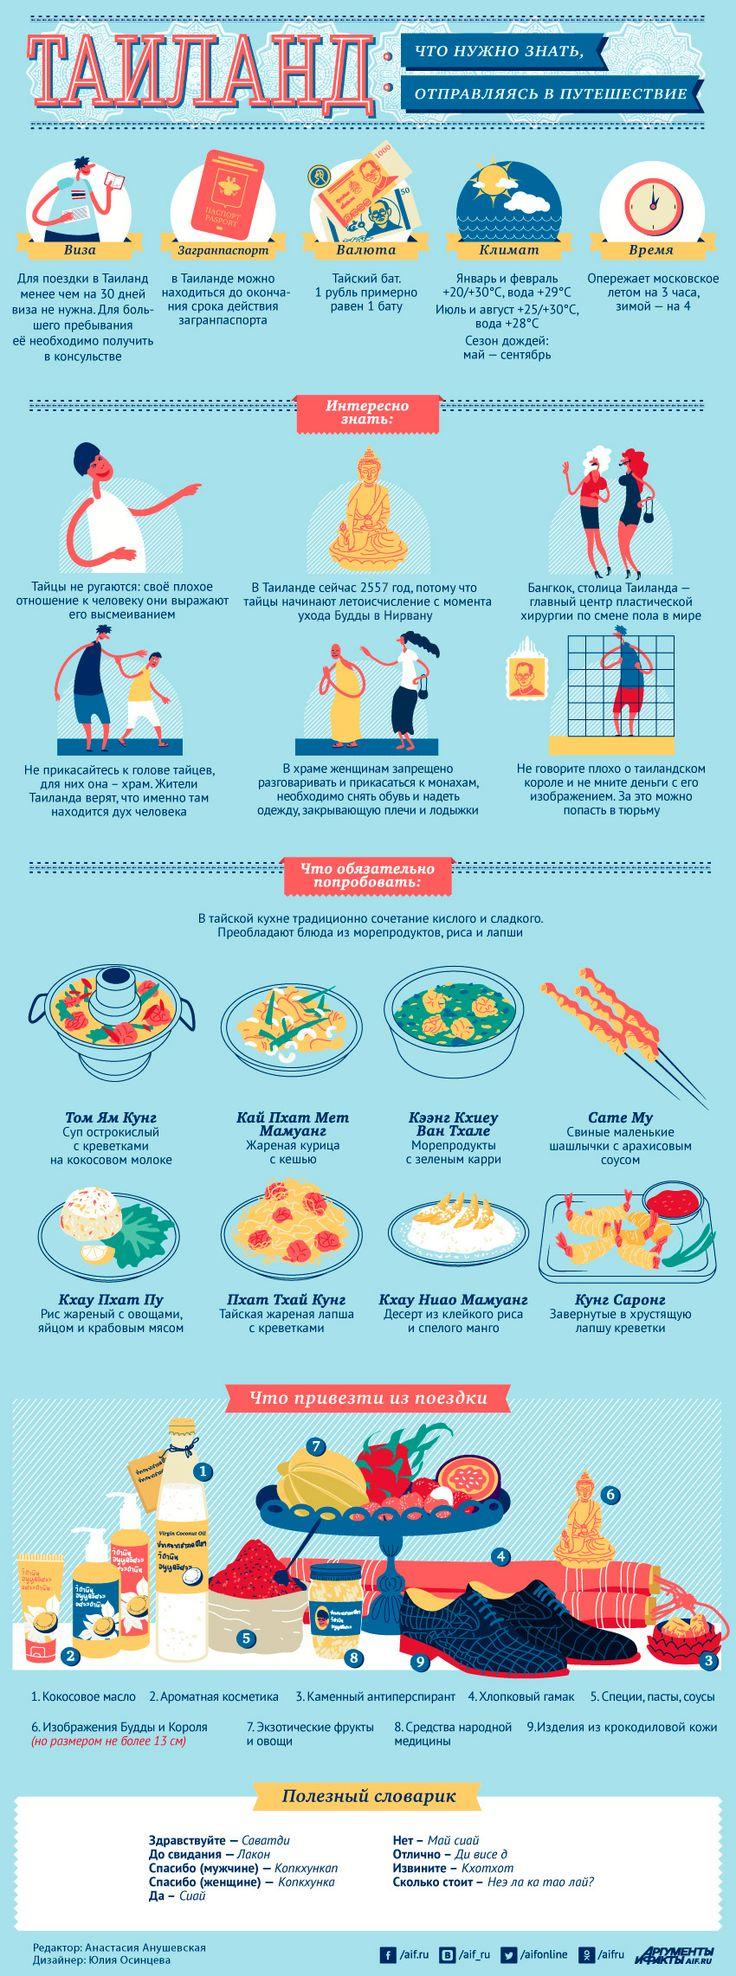 Таиланд: что нужно знать, отправляясь впутешествие? Инфографика | Инфографика | Вопрос-Ответ | Аргументы и Факты